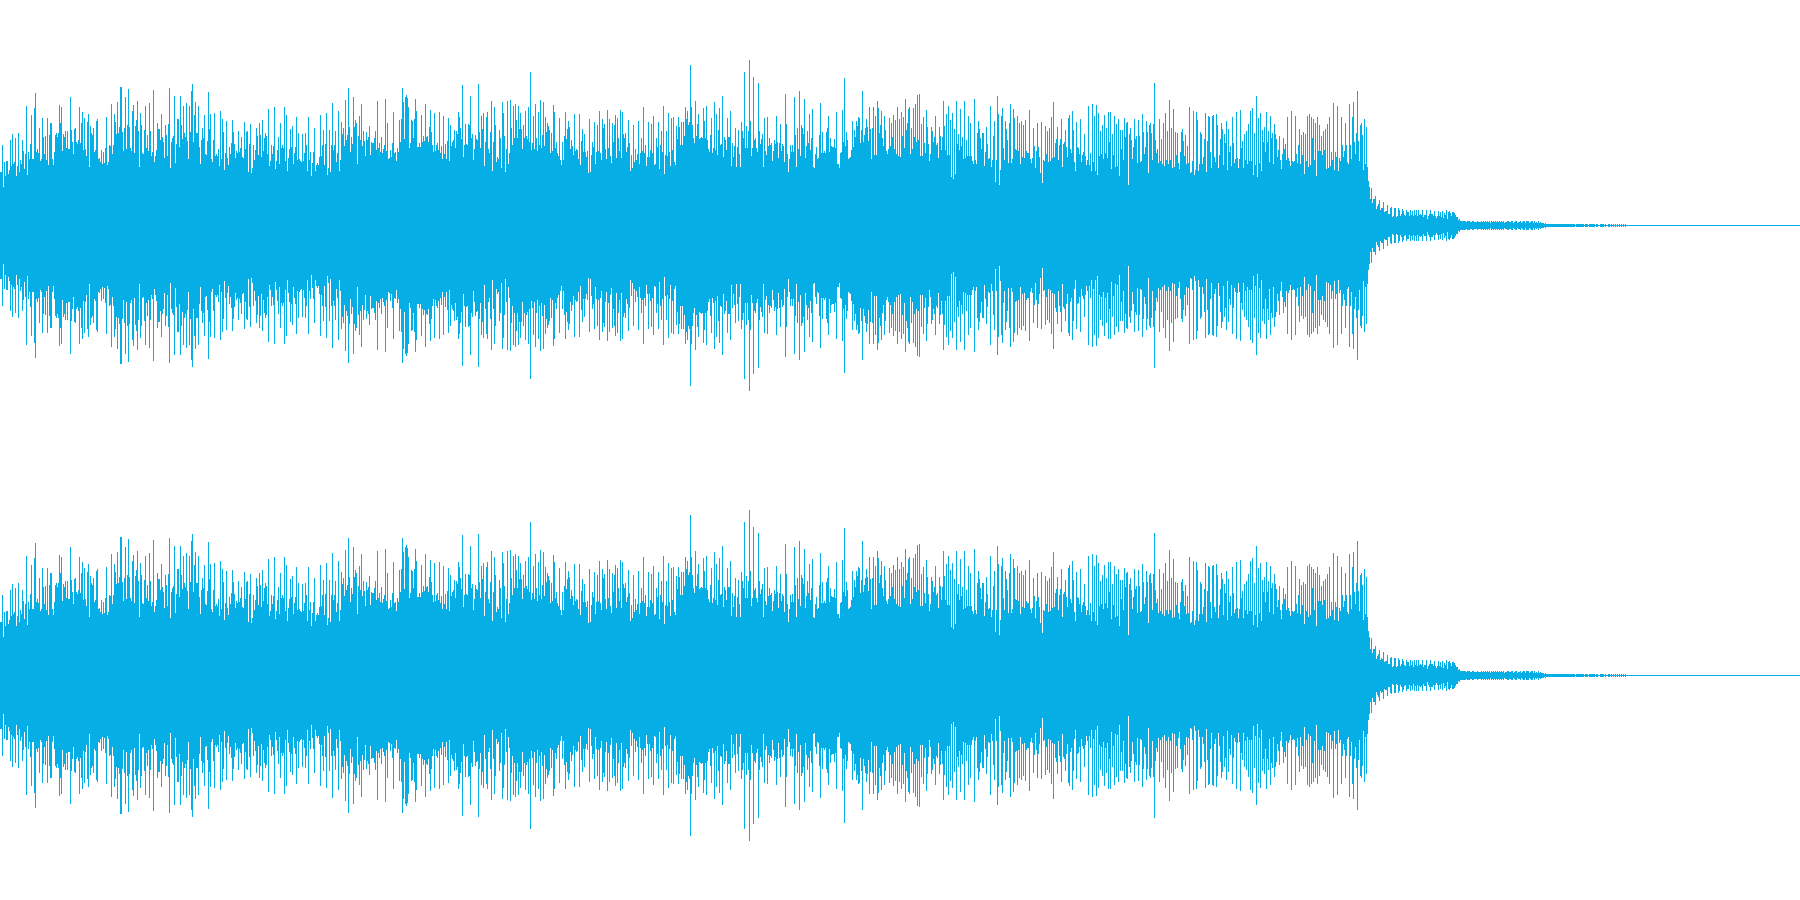 ファミコン風のサウンドのジングルです。…の再生済みの波形